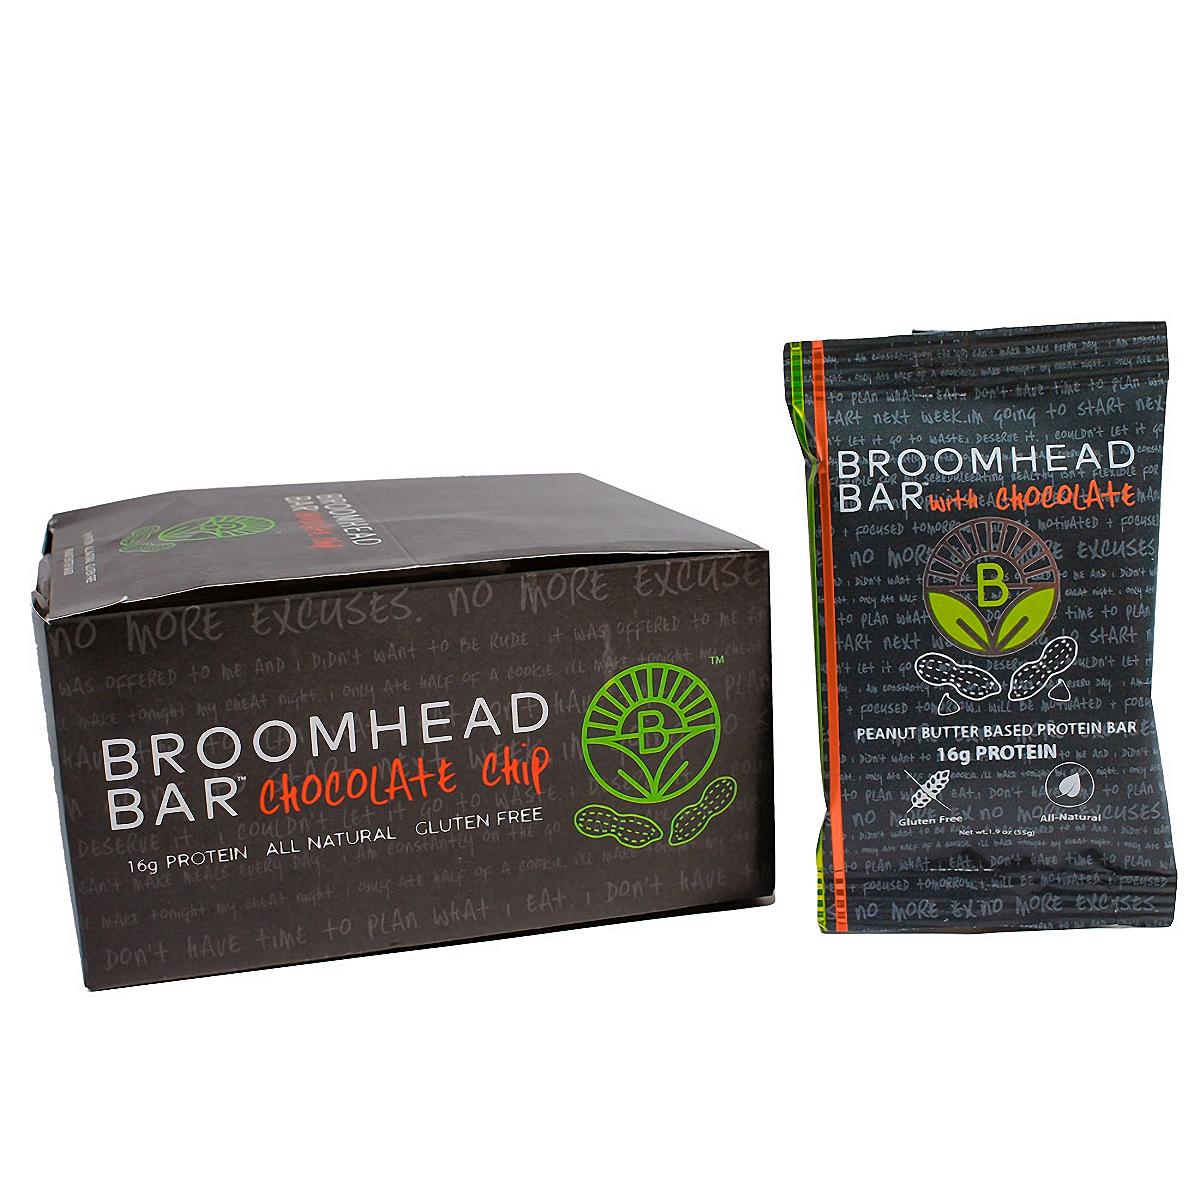 Broomhead Peanut Butter Bar - Flavor: Peanut Butter with Chocolate - Size: Box of 10, Peanut Butter with Chocolate, large, image 3